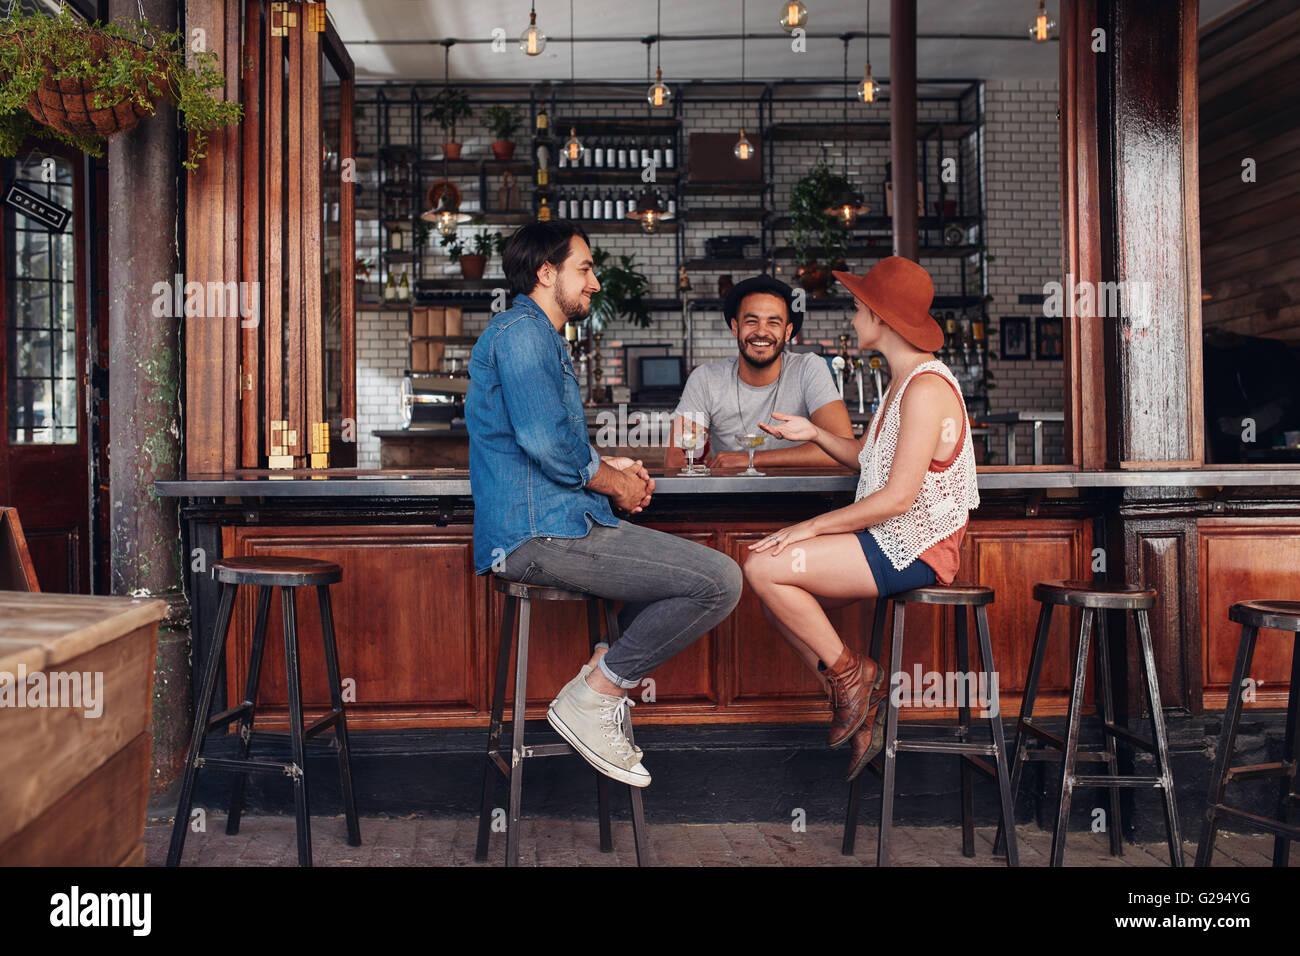 Gruppe von Jugendlichen in einem Café sitzen und reden. Junge Männer und Frauen treffen im Café-Tisch. Stockbild